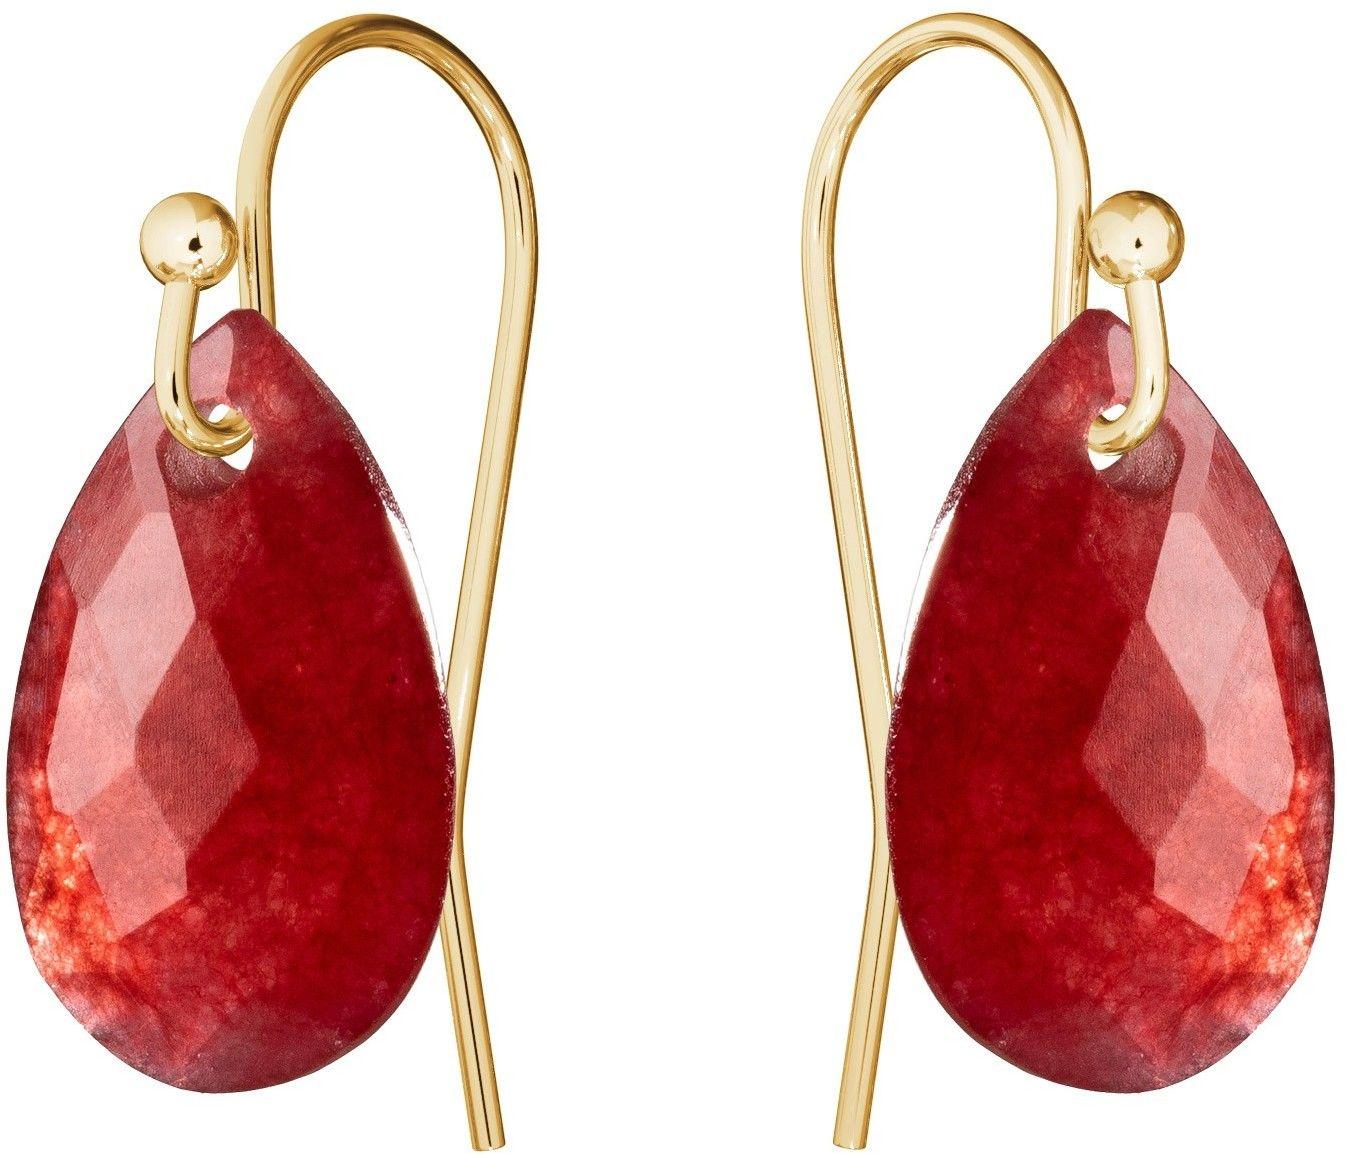 Delikatne kolczyki z naturalnym kamieniem Gavbari, srebro 925 : Kamienie naturalne - kolor - jadeit czerwony, Srebro - kolor pokrycia - Pokrycie żółtym 18K złotem